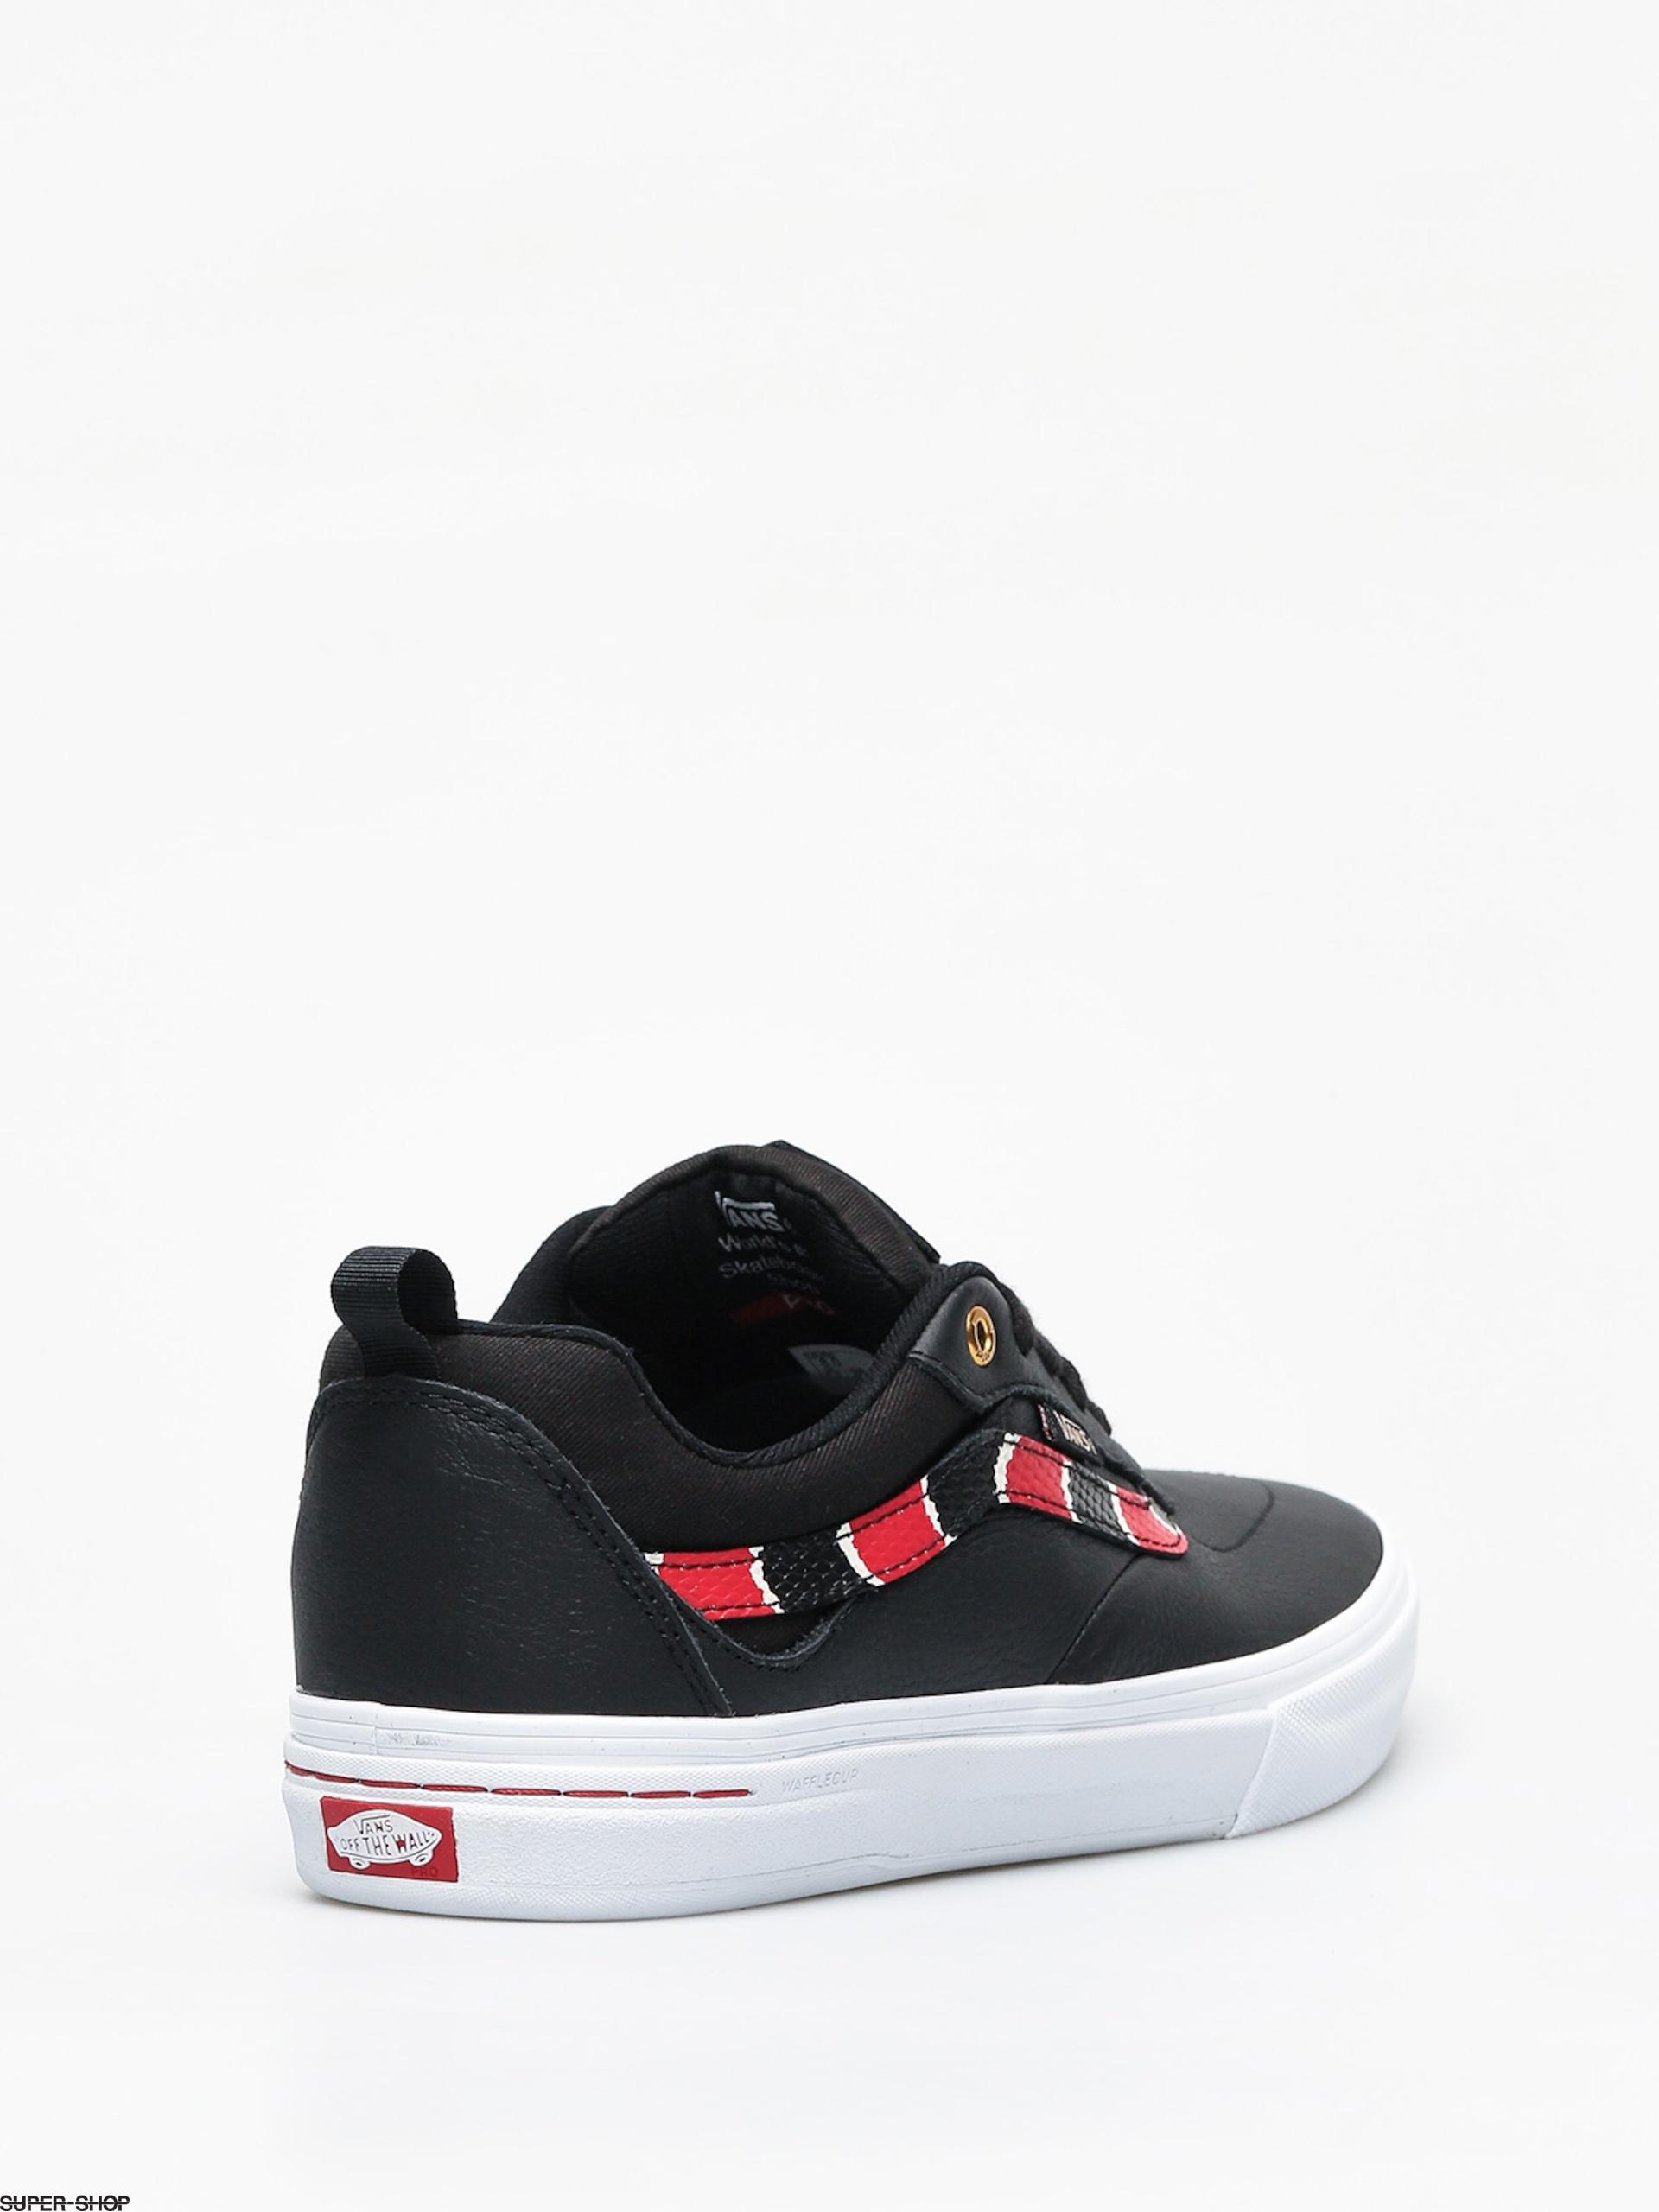 Vans Kyle Walker Pro Shoes (coral snake